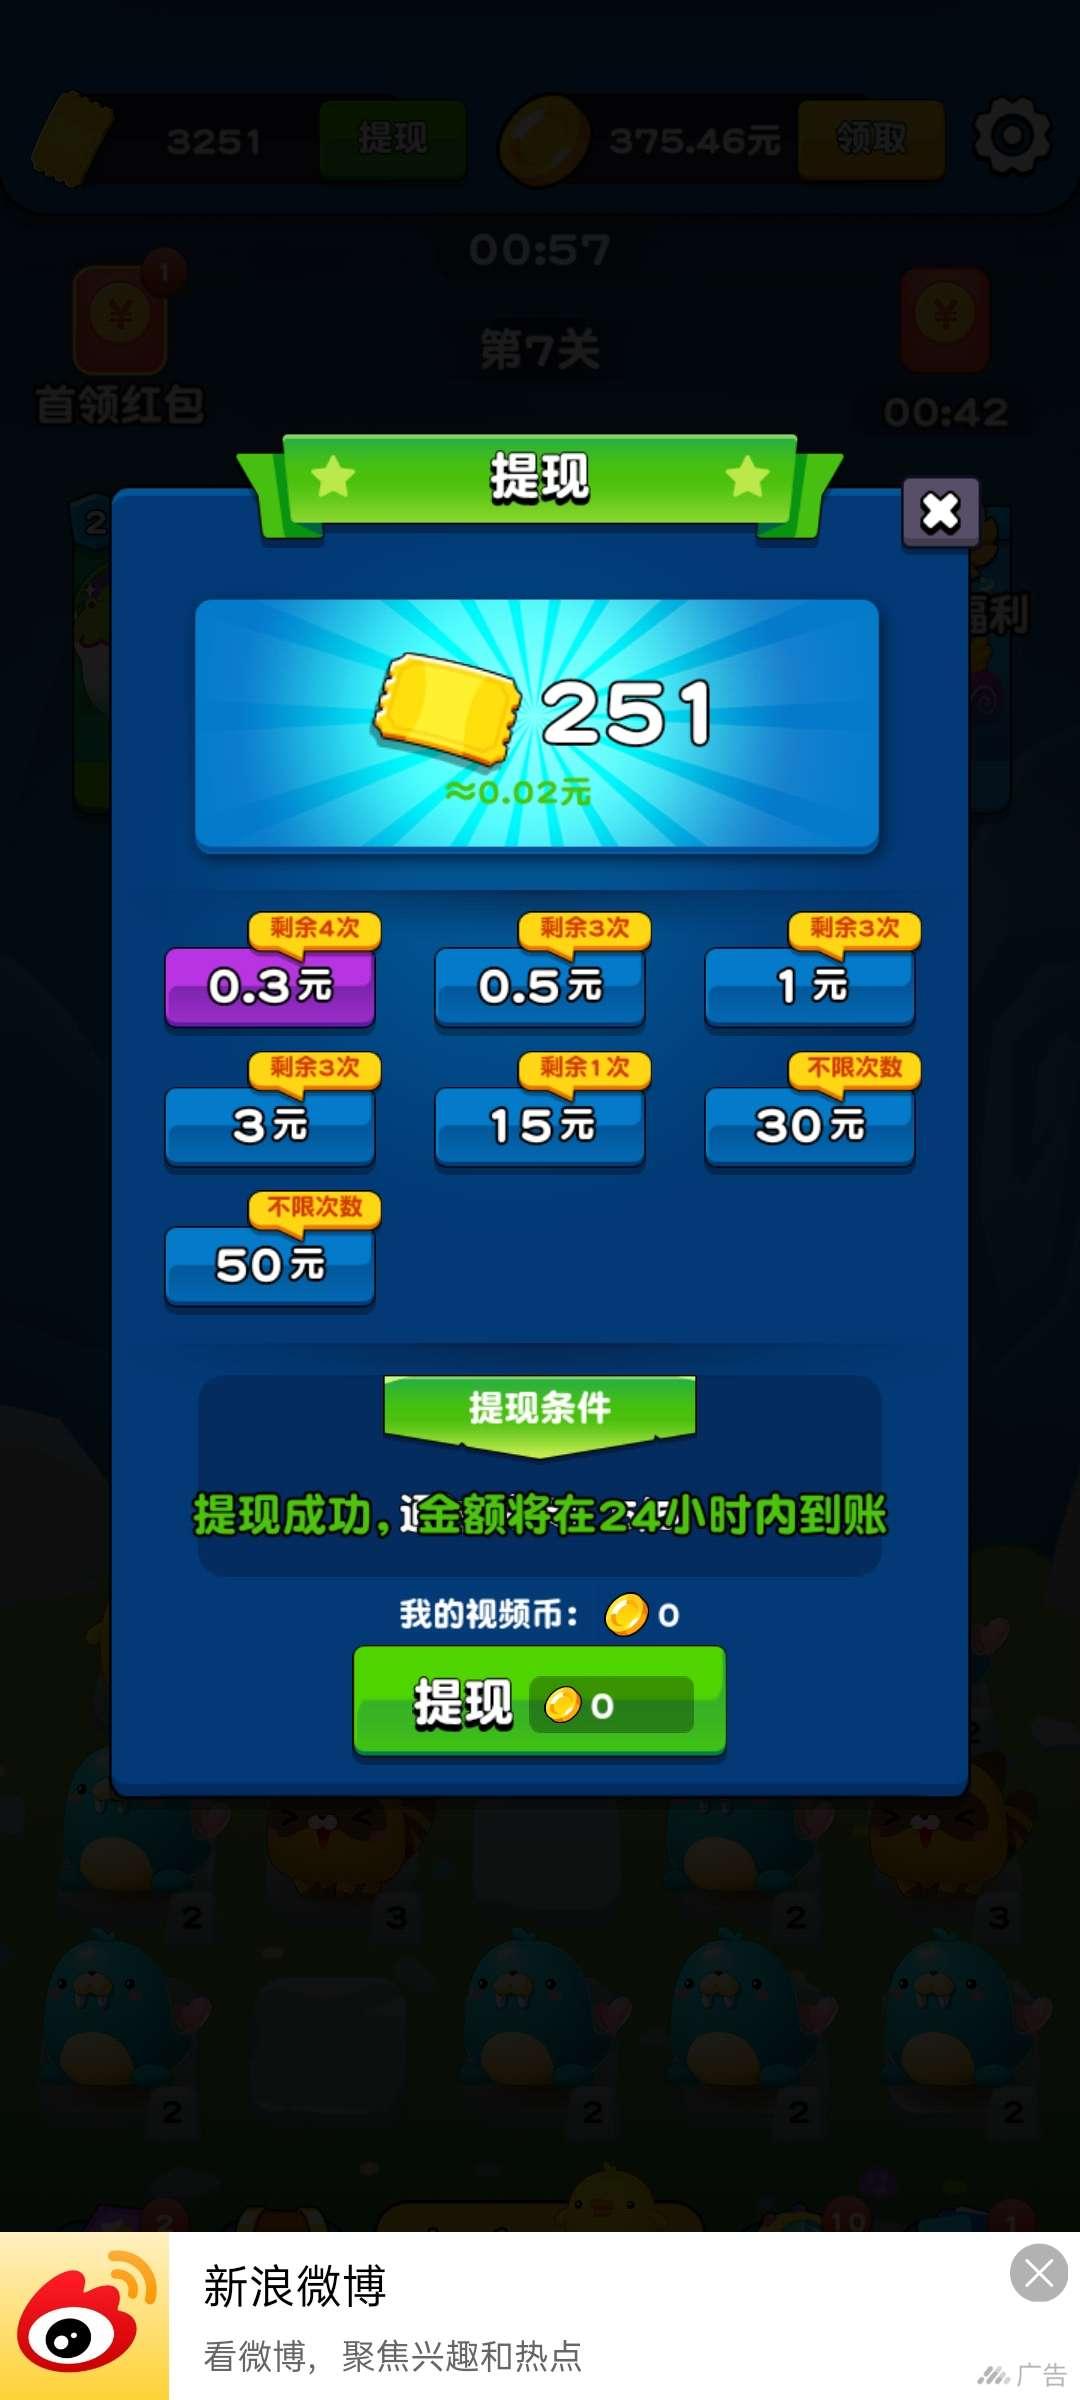 宠物对决玩游戏提现0.3r